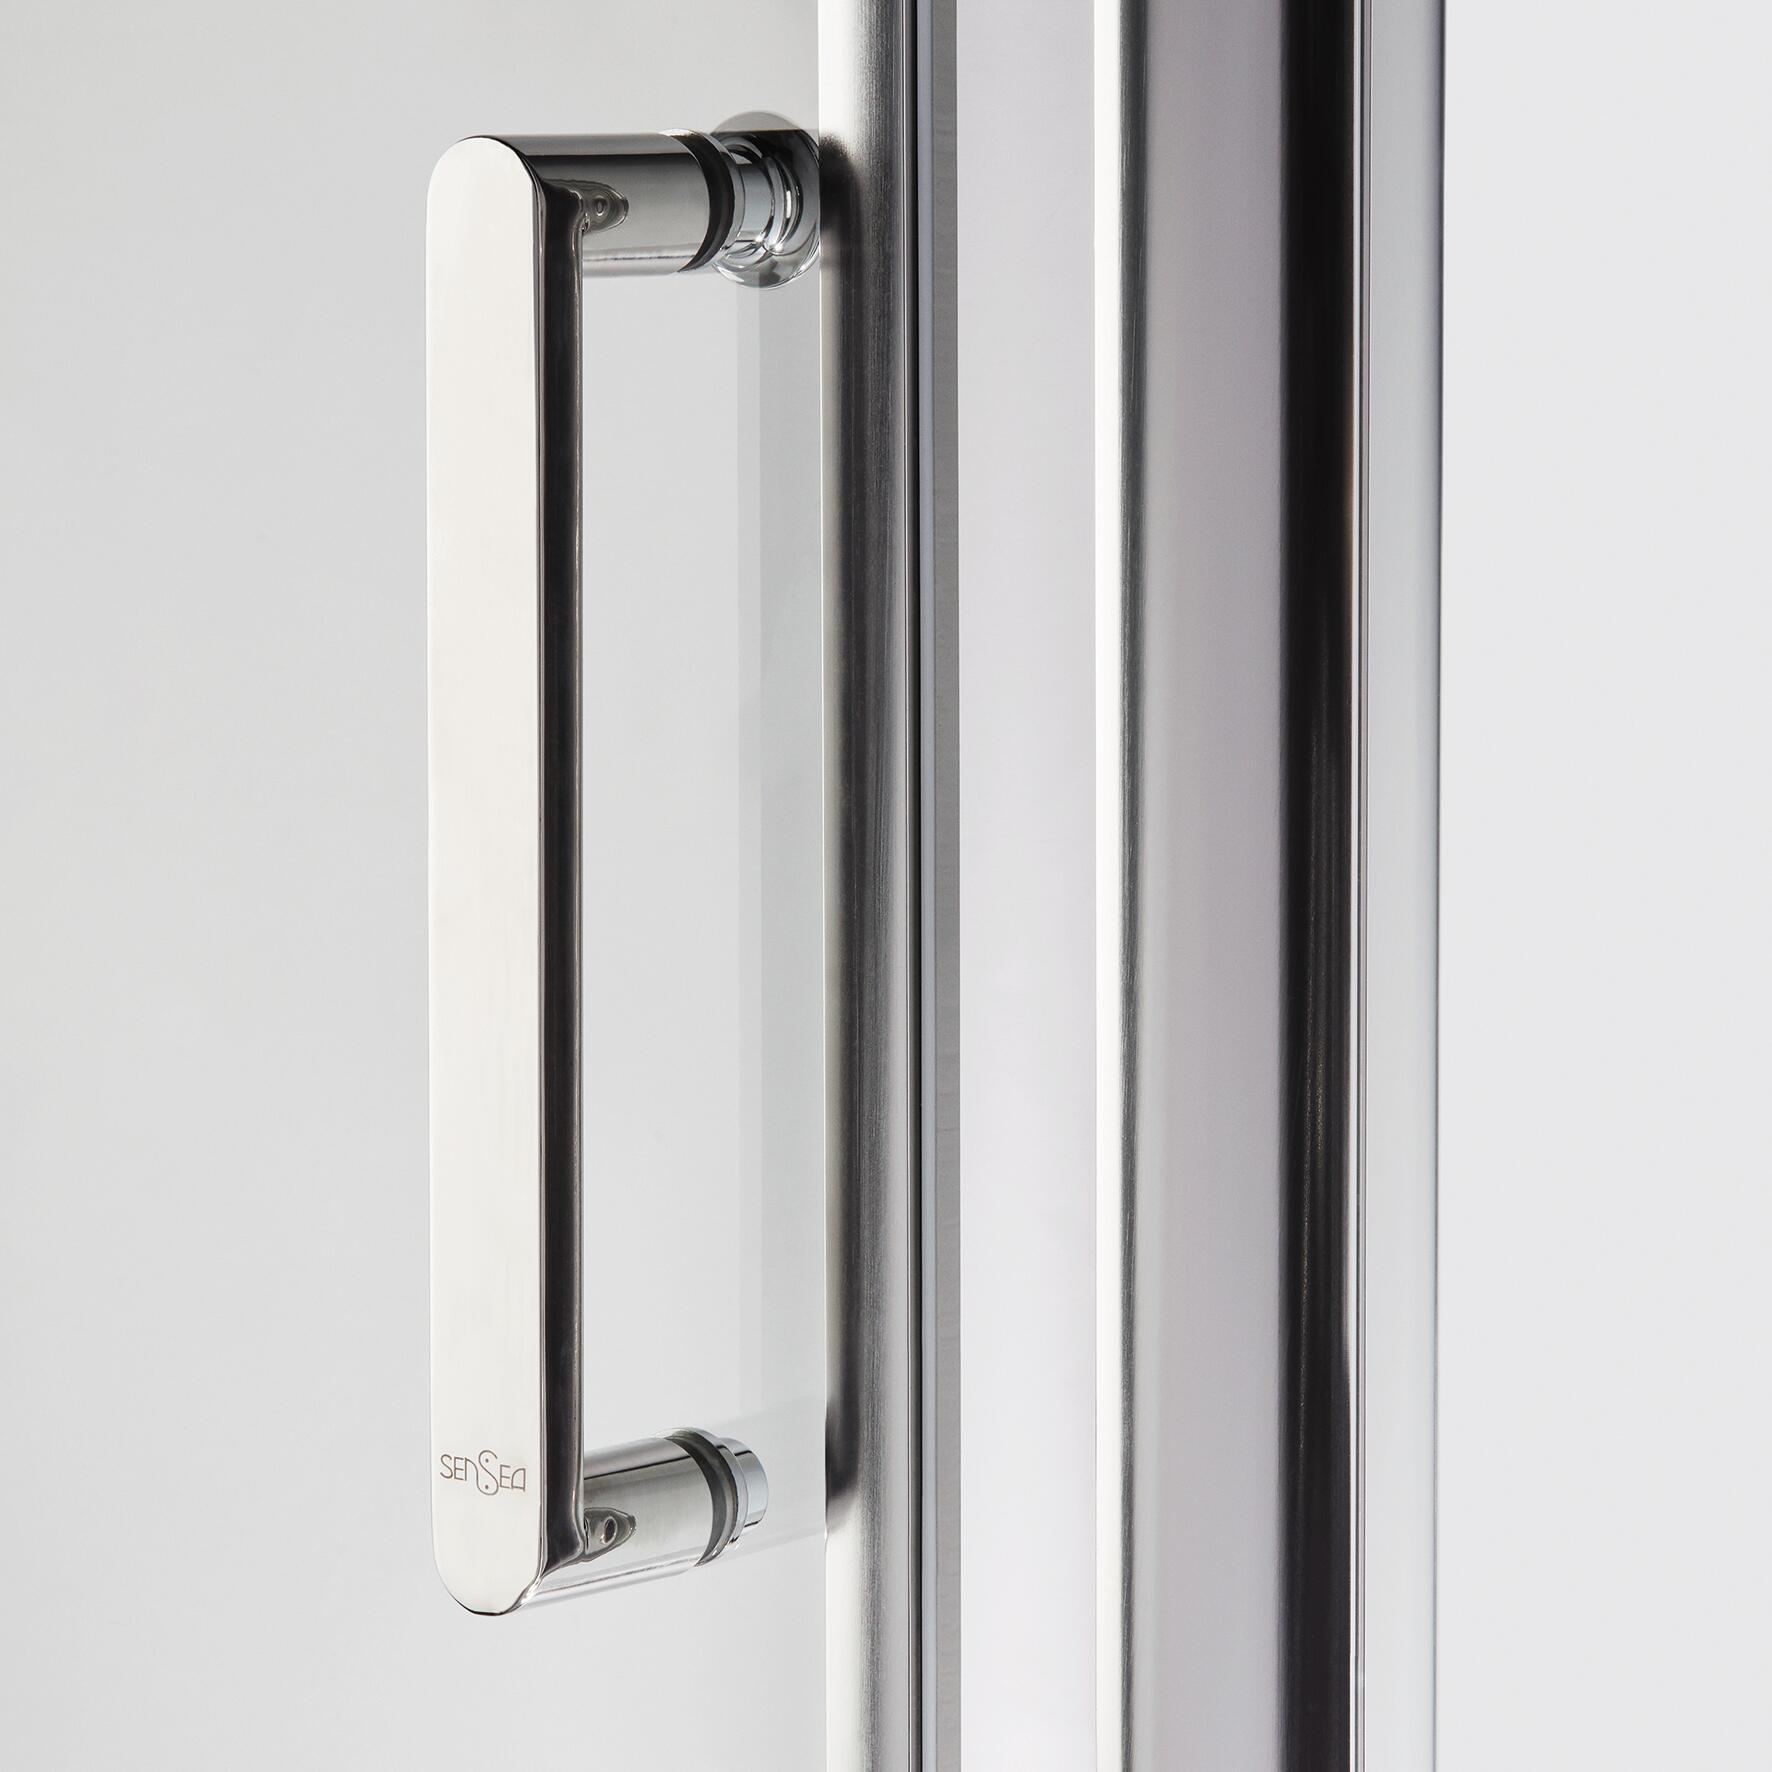 Box doccia rettangolare pieghevole Quad 70 x 80 cm, H 190 cm in vetro temprato, spessore 6 mm trasparente argento - 3